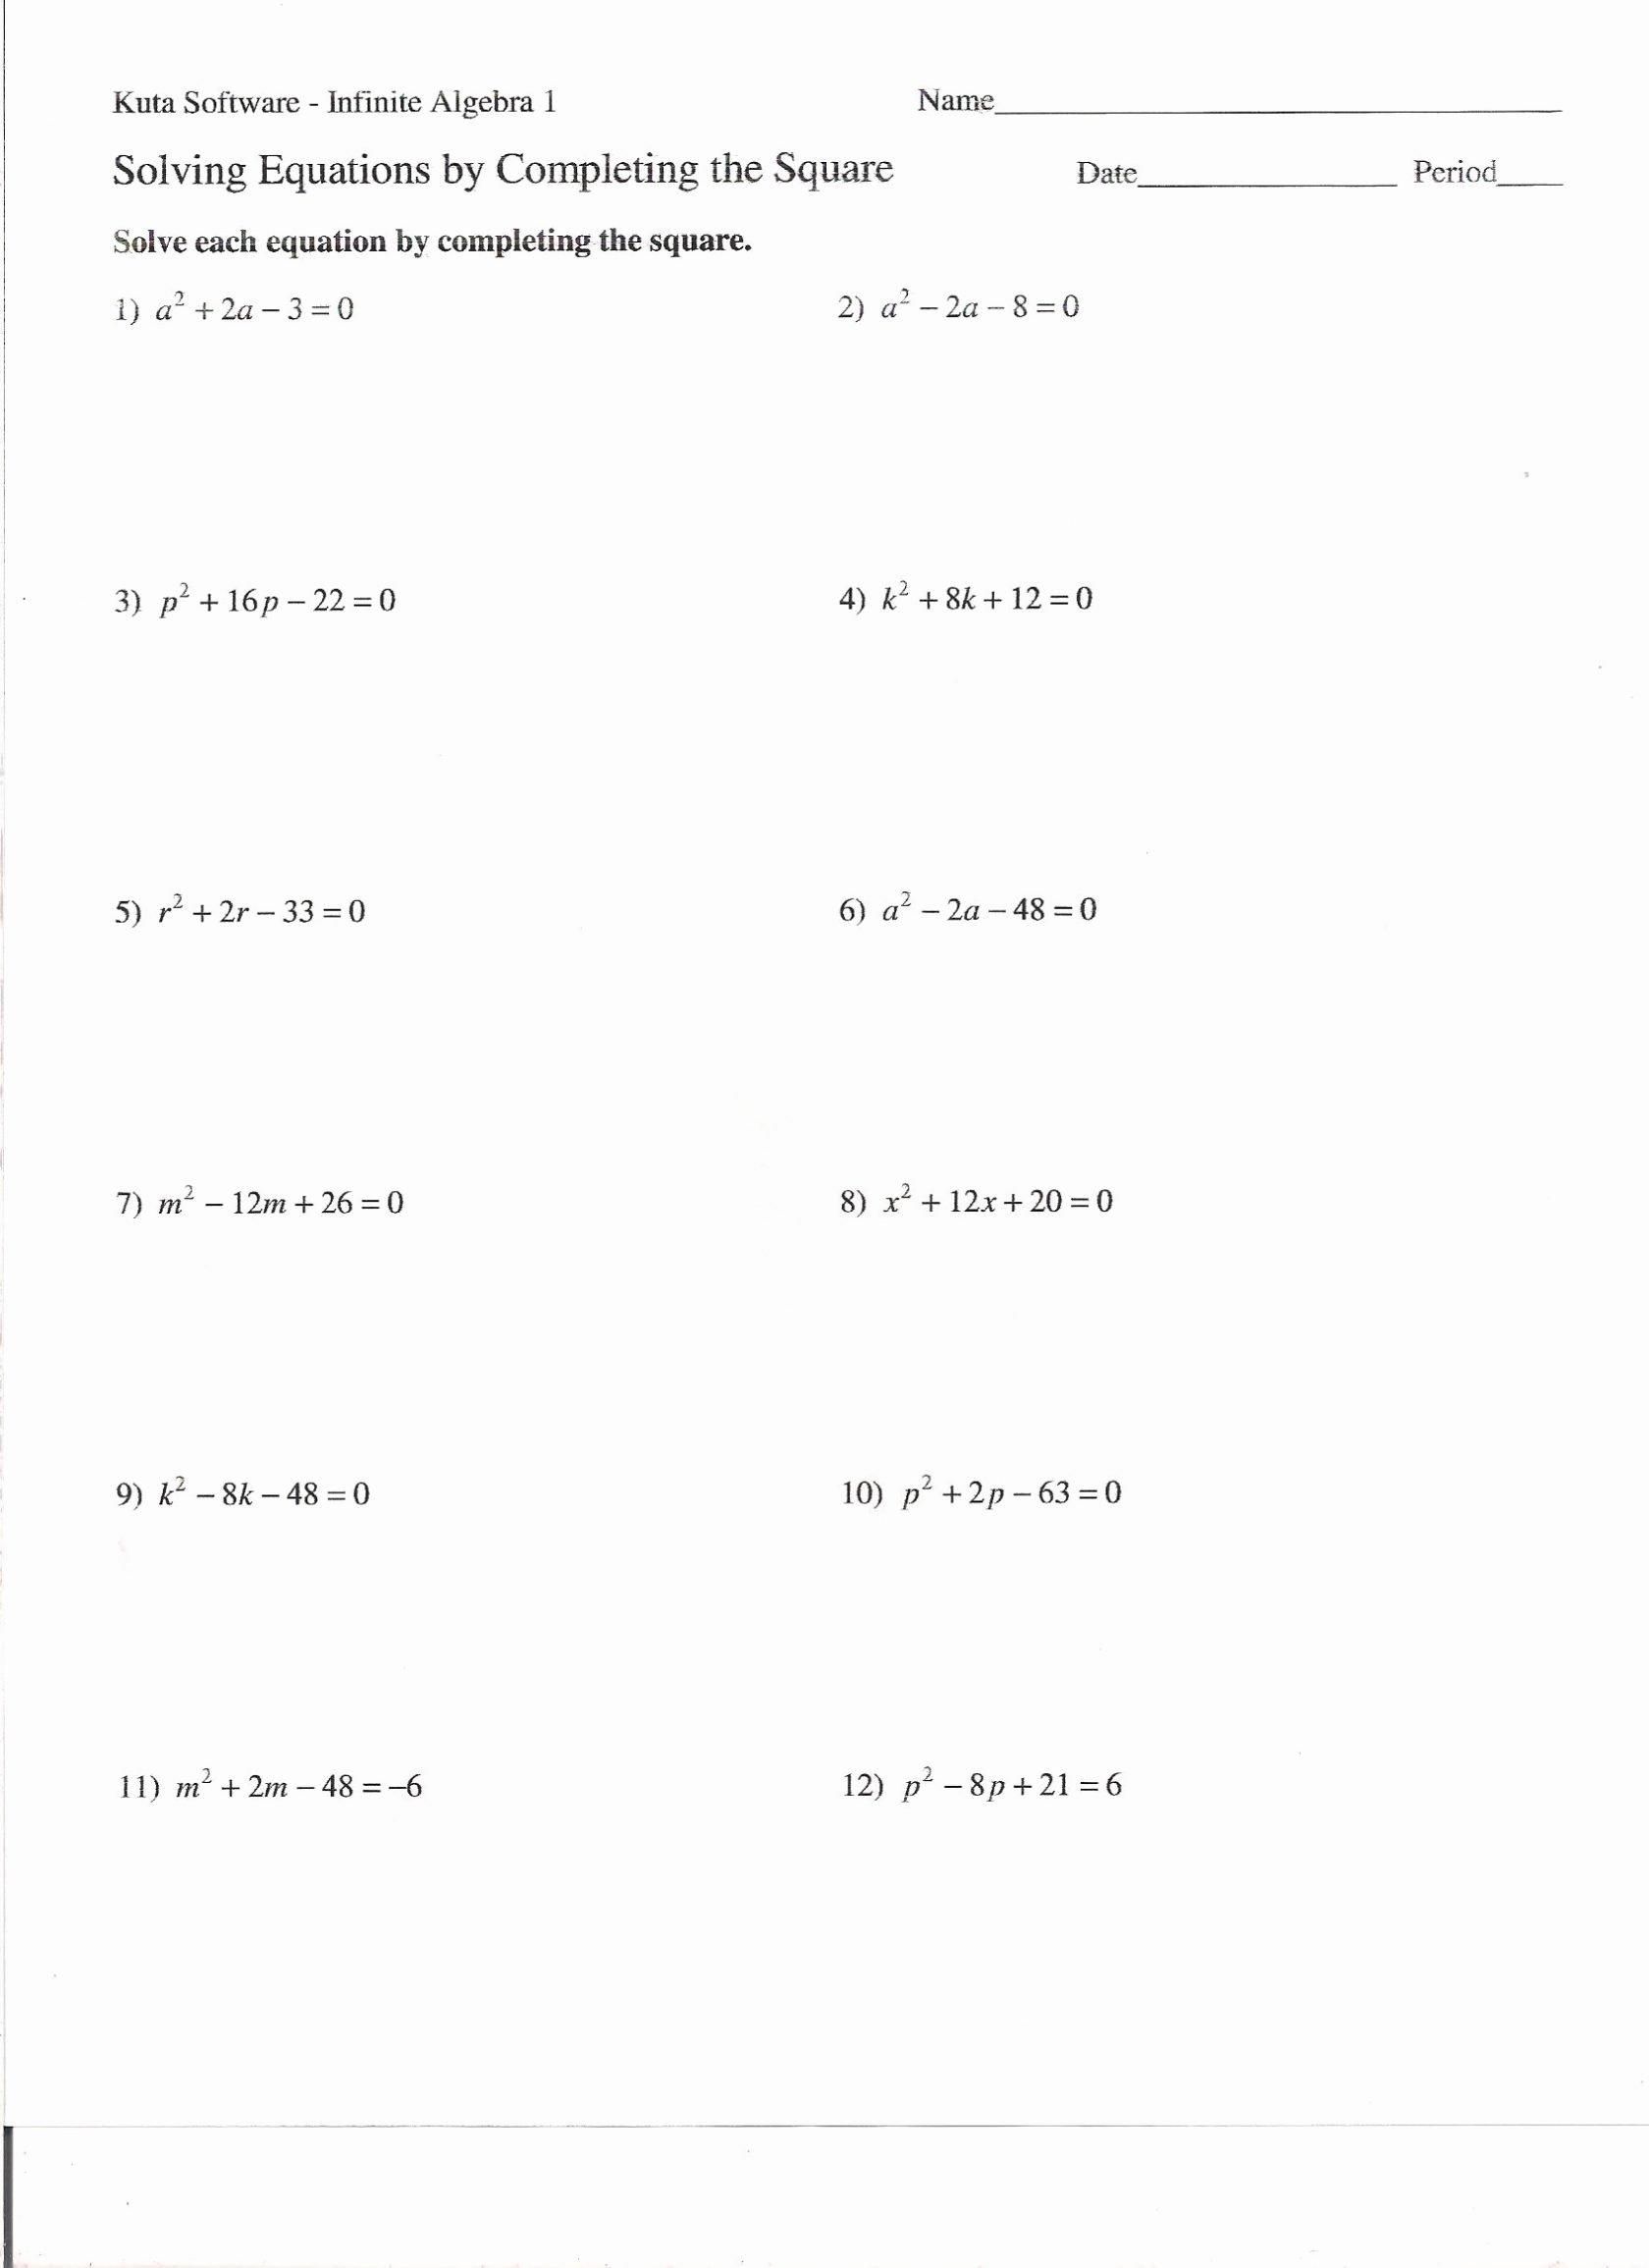 Distributive Property Worksheets Pdf Popular Multiplication Facts With Distributive Property Practice Worksheet